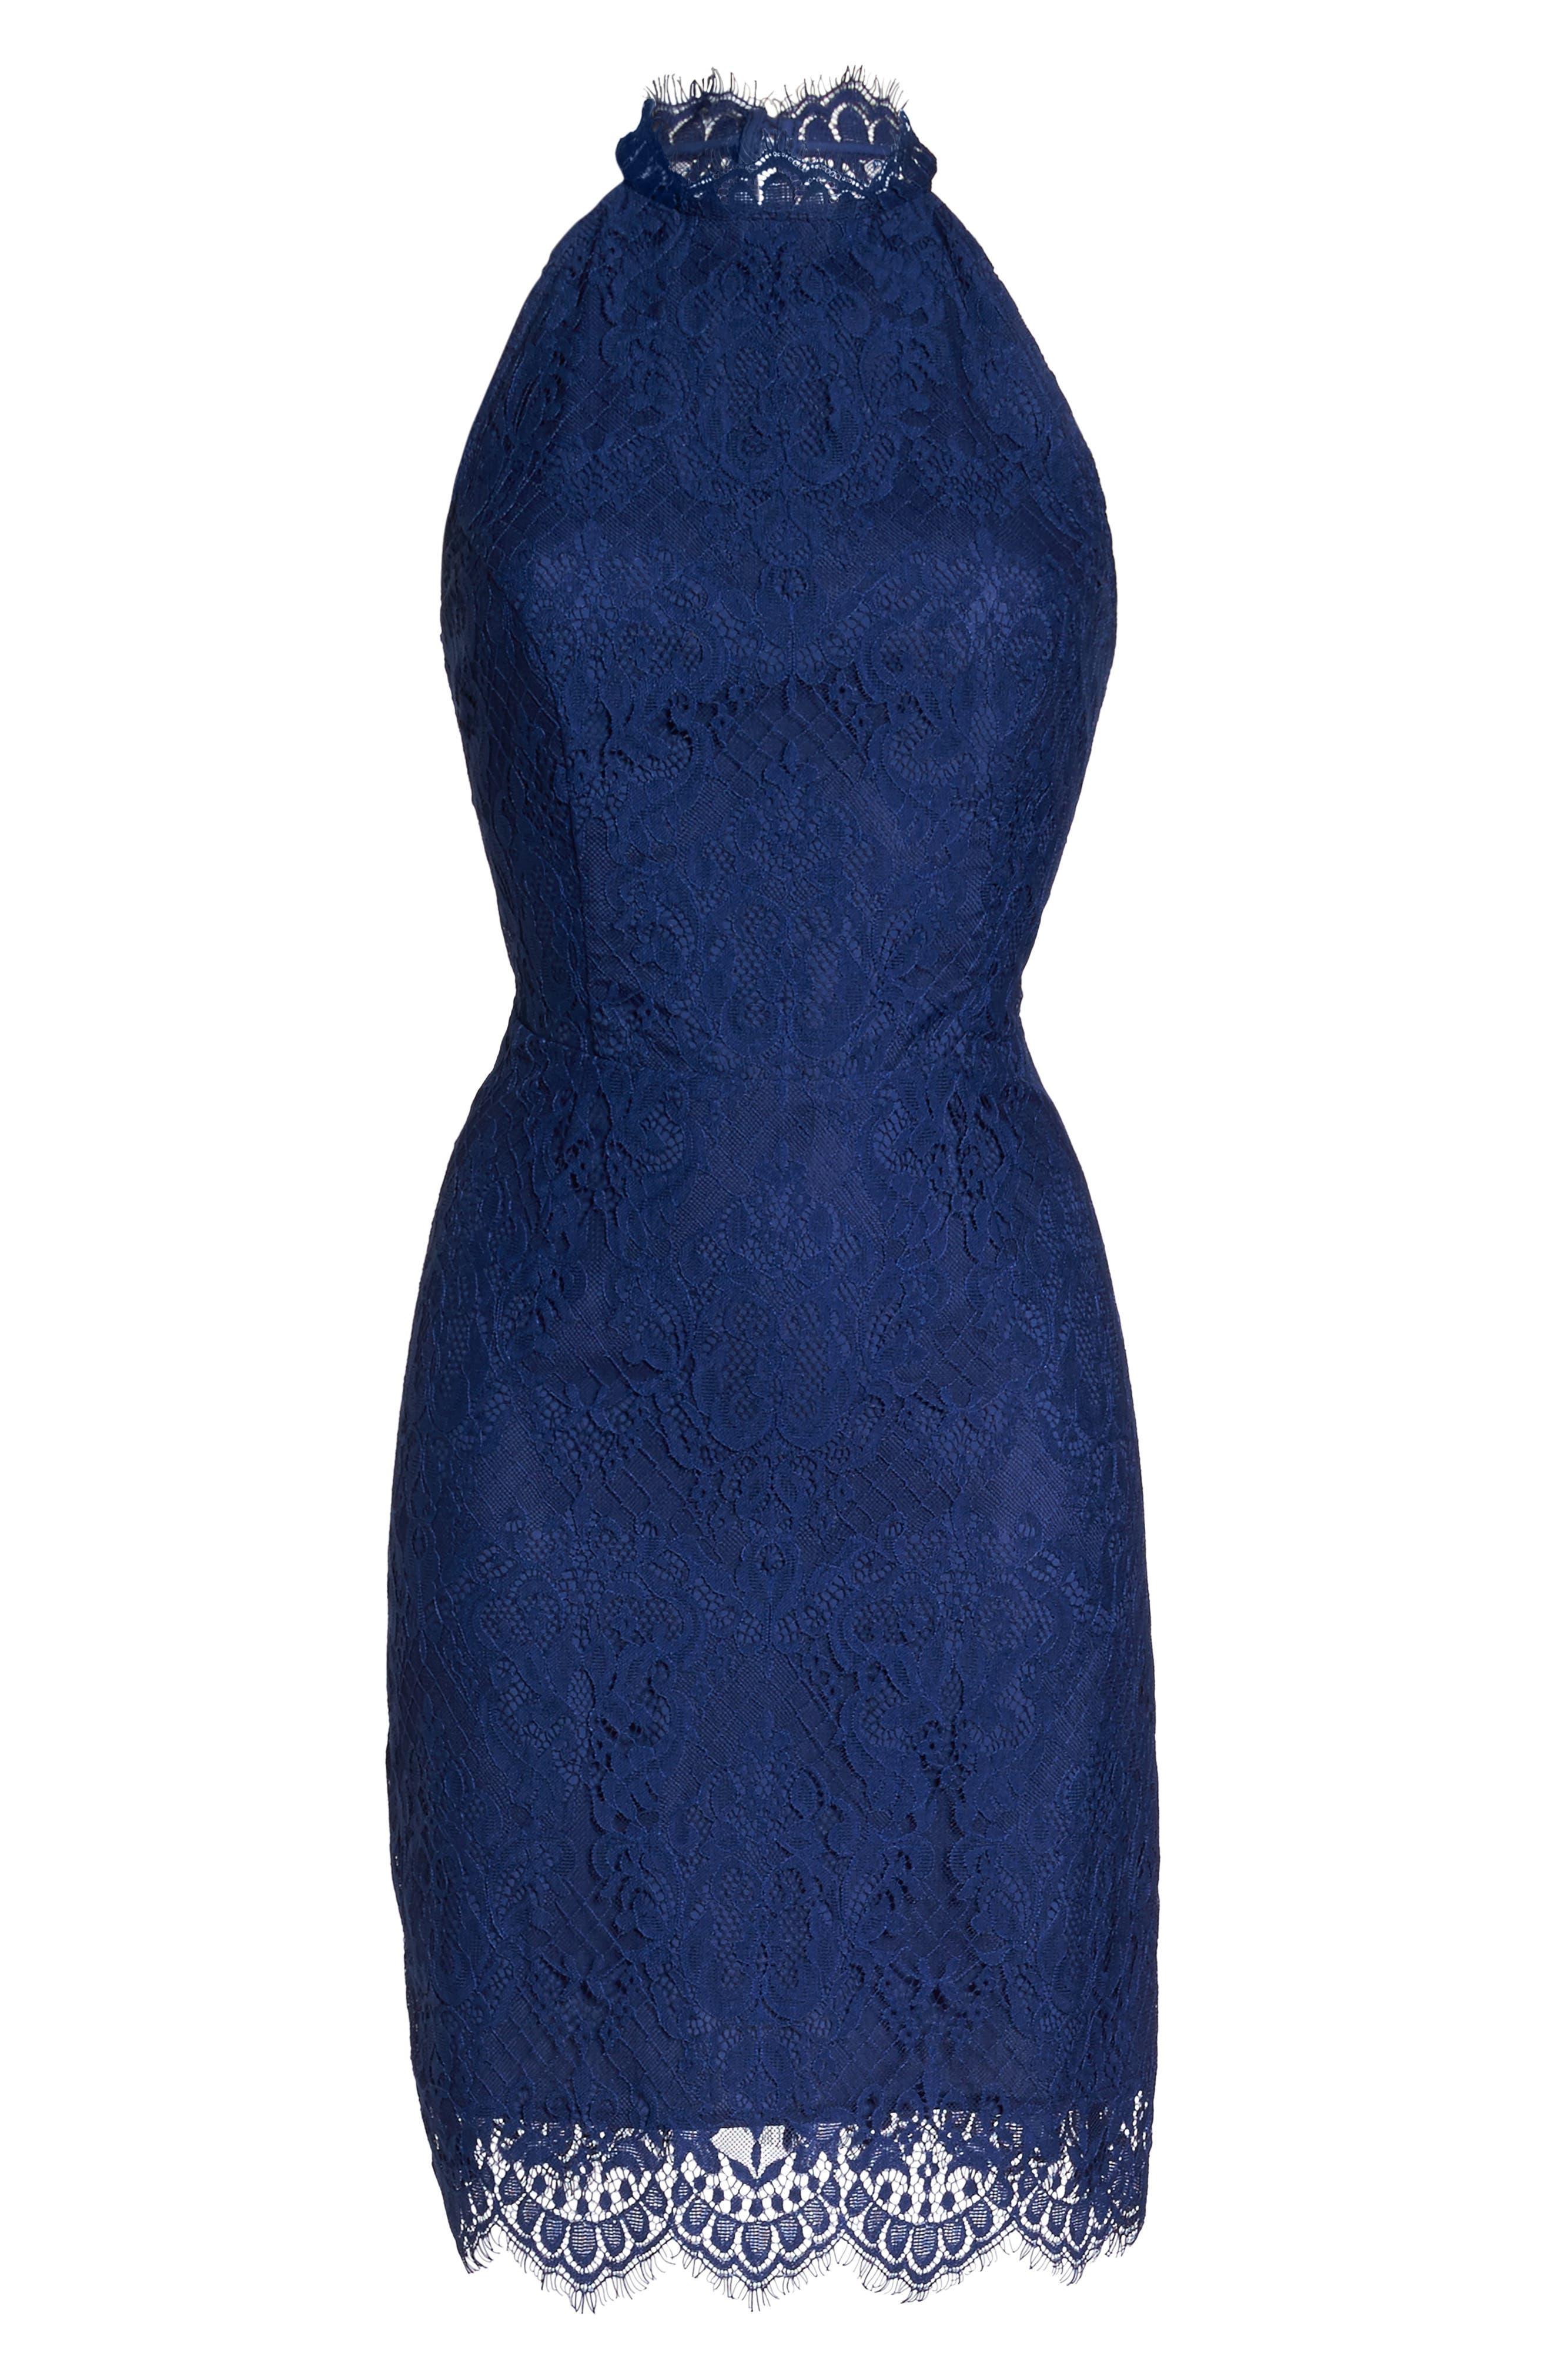 Cherie Lace Sheath Dress,                             Alternate thumbnail 6, color,                             401